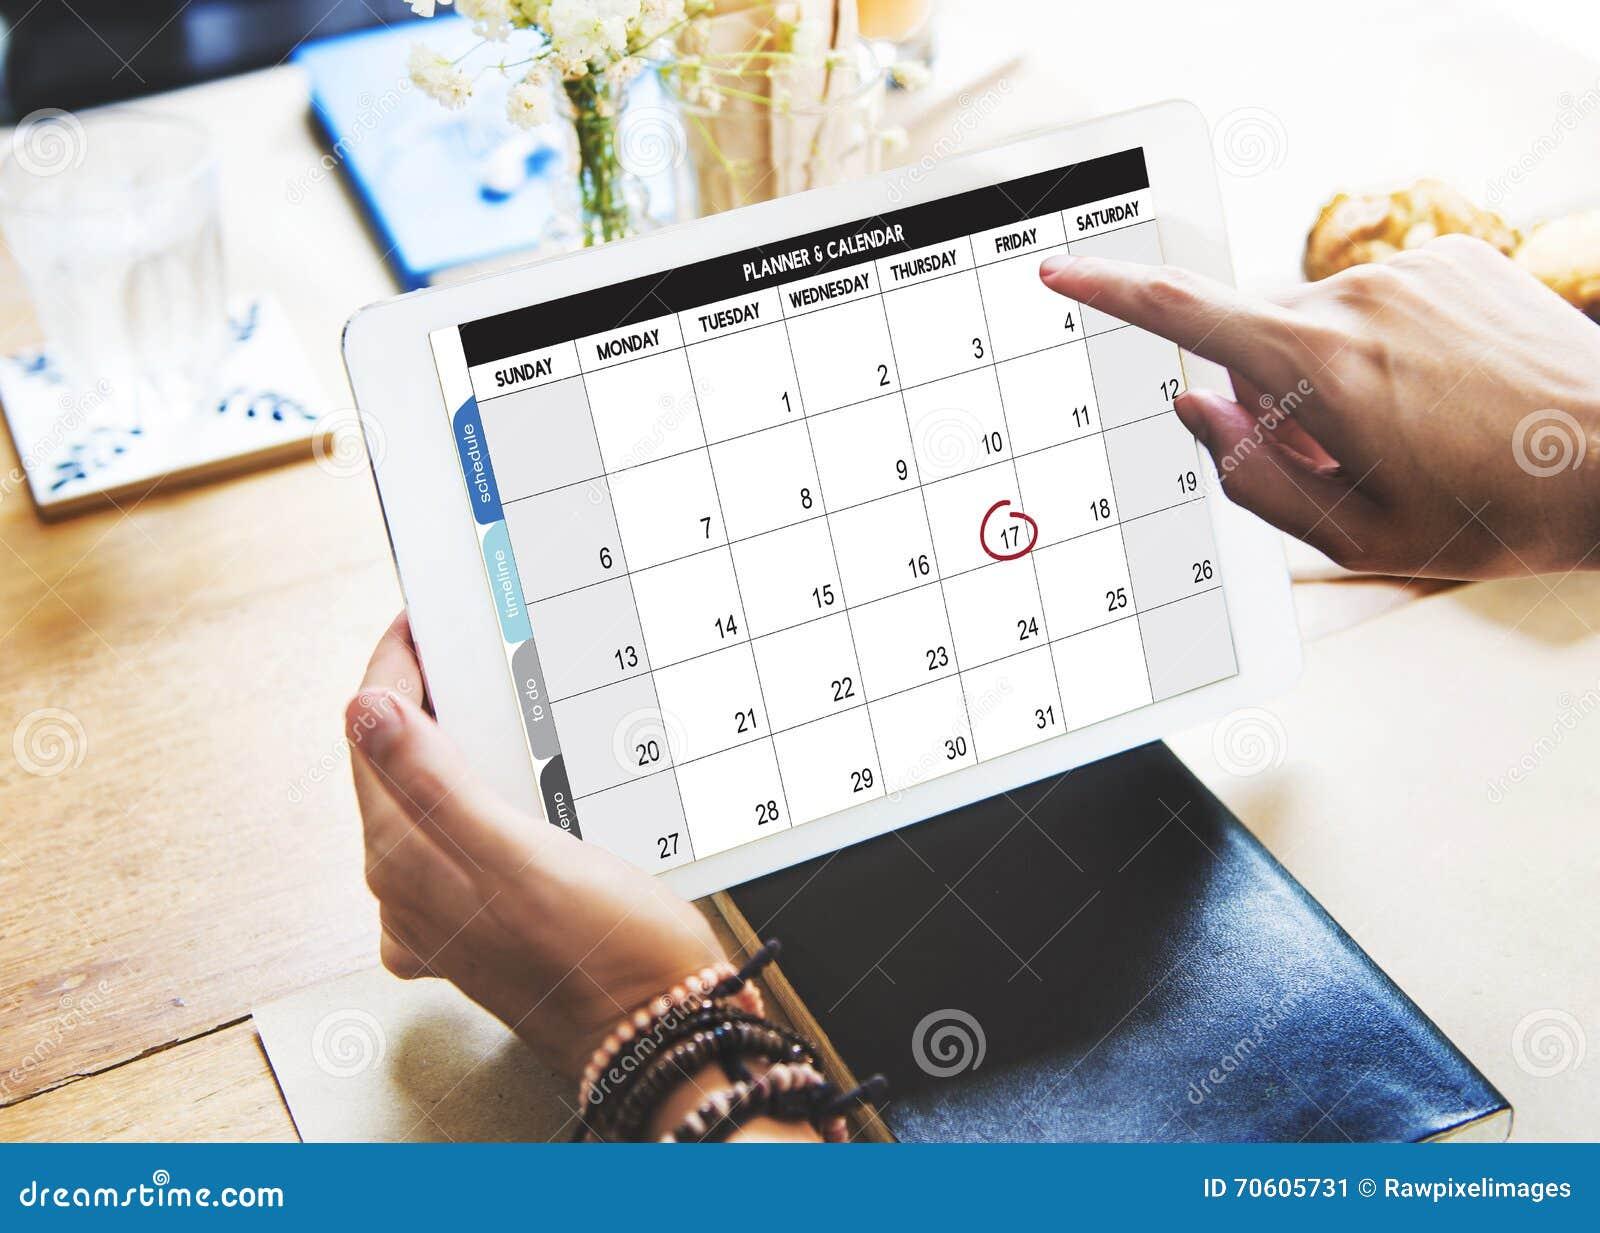 kalender planer organisations management erinnern konzept stockbild bild von calender digital. Black Bedroom Furniture Sets. Home Design Ideas